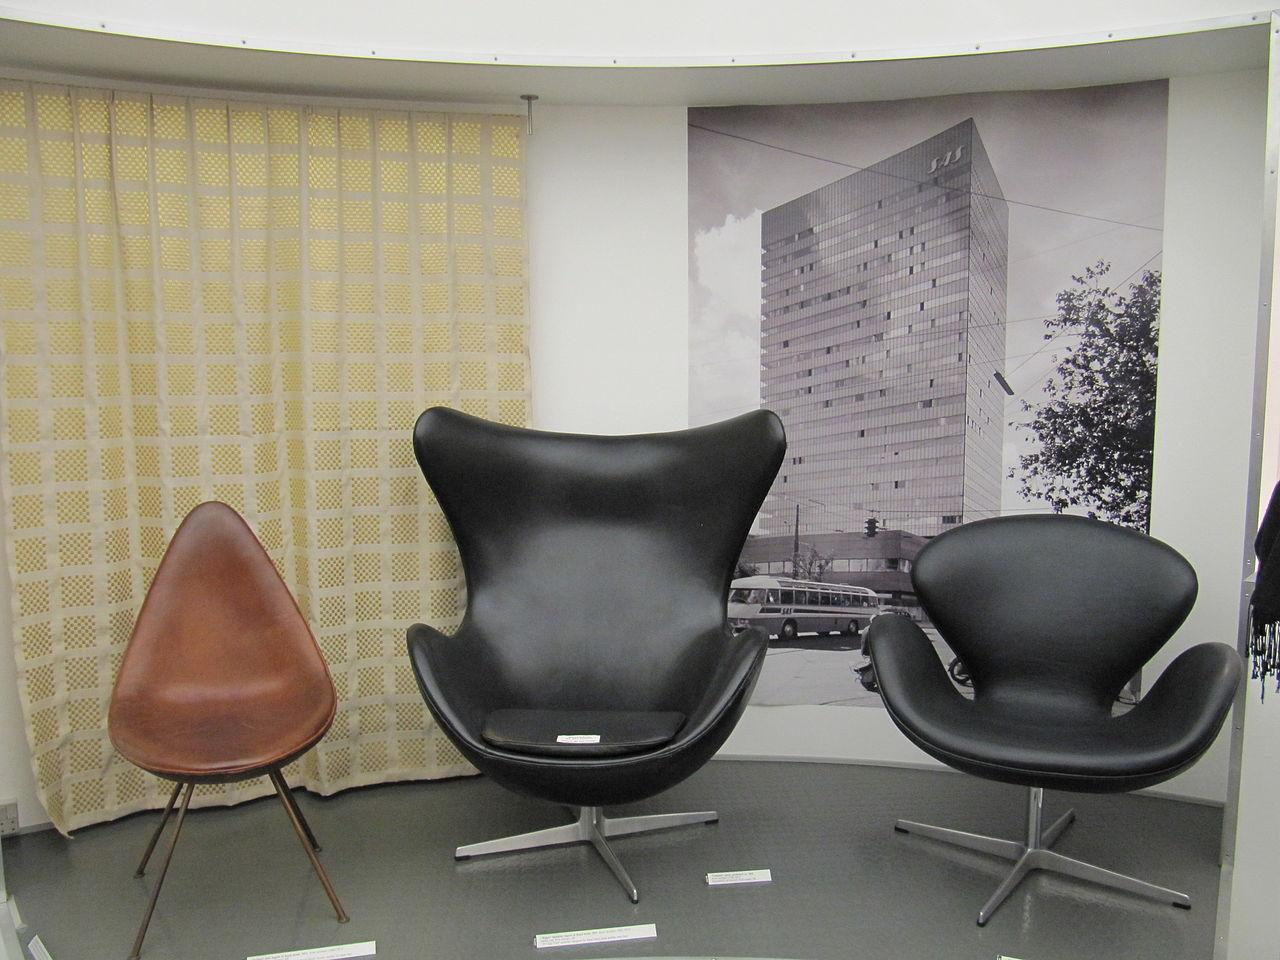 Skandinavisk  design  fra  Arne  Jacobsen  –  den  danske  modernismens  far